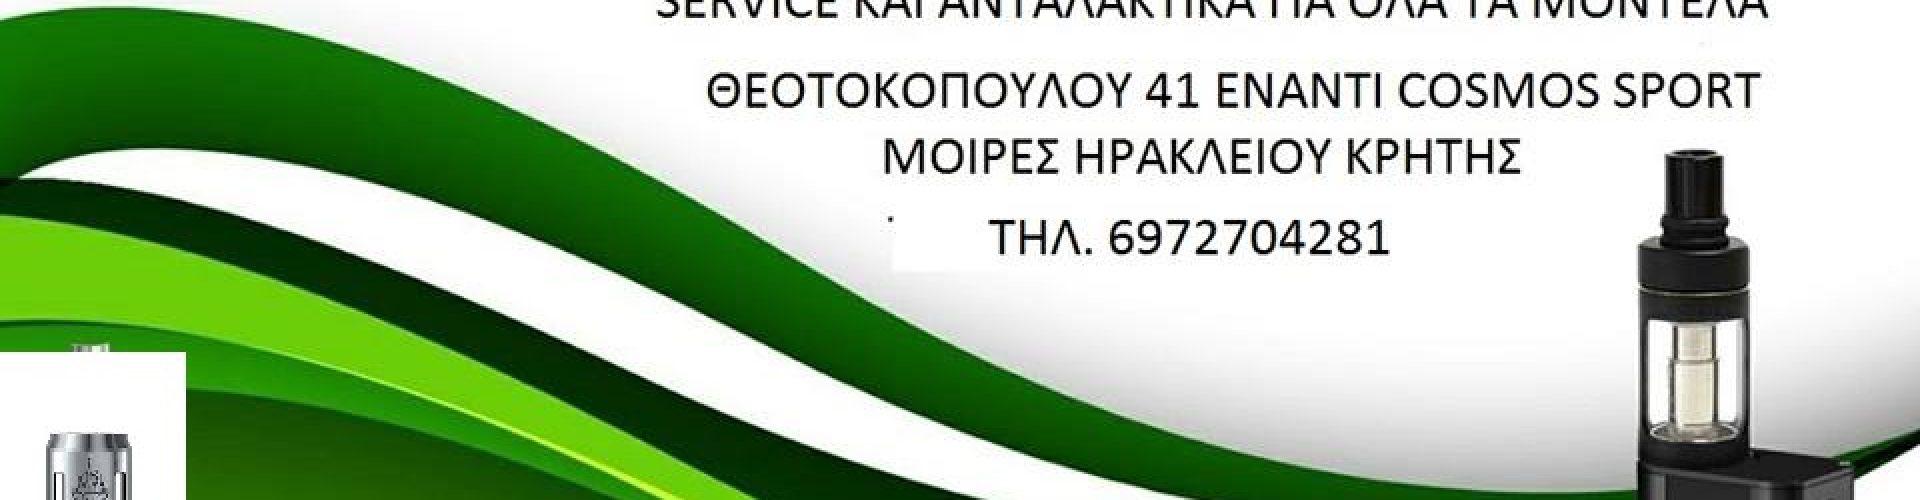 14463211_1707348949588581_5171893482359992548_n.jpg